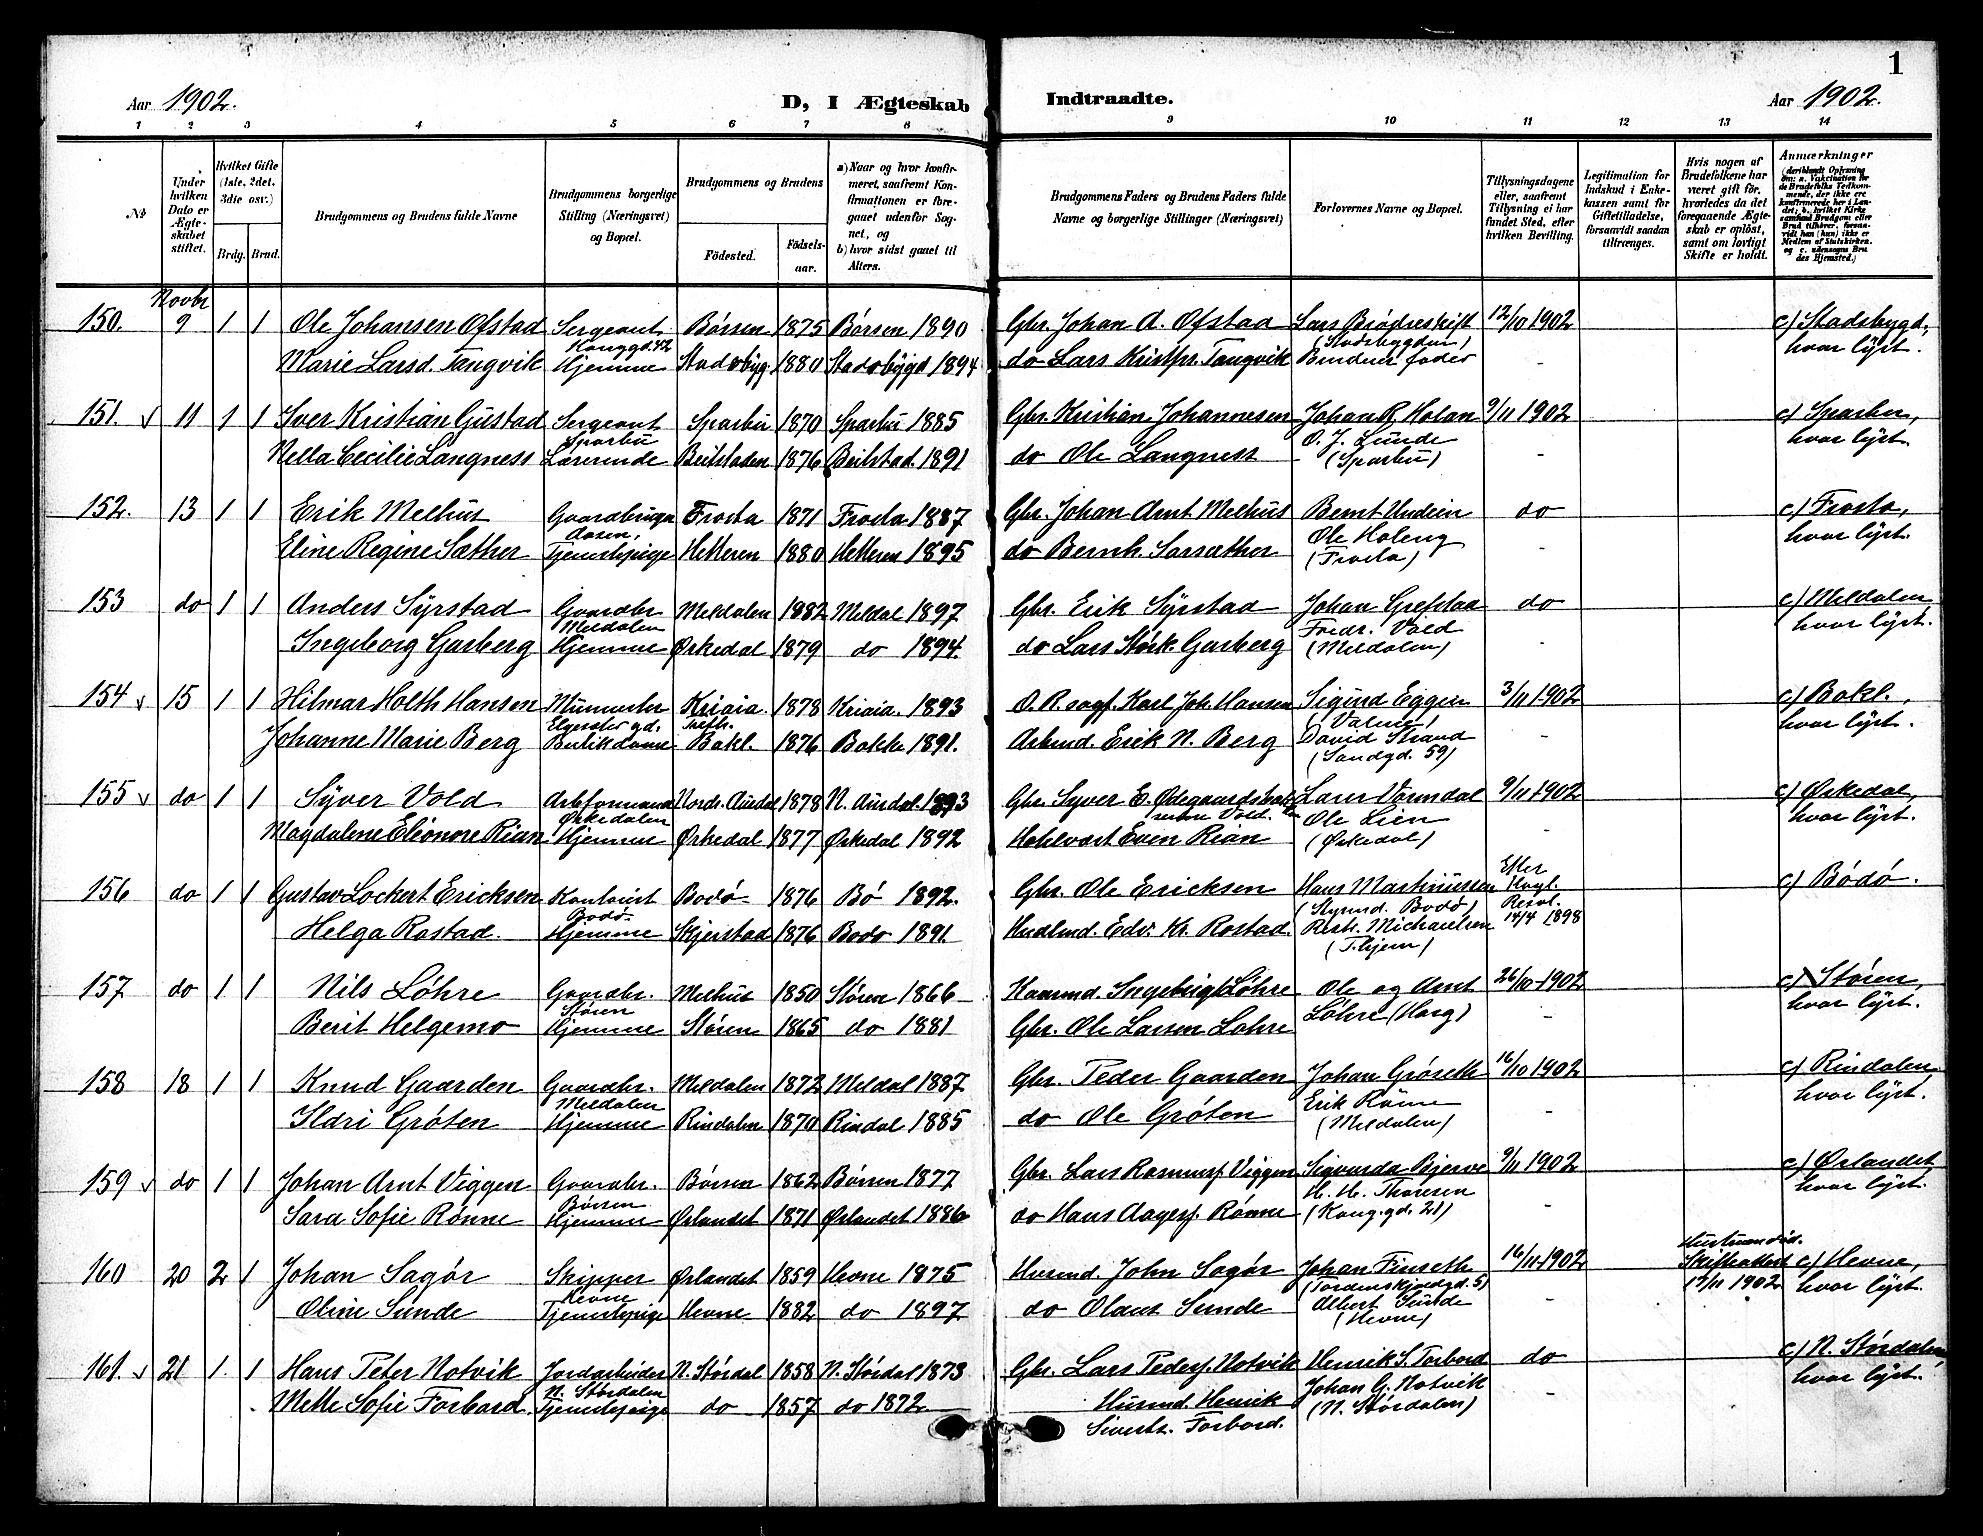 SAT, Ministerialprotokoller, klokkerbøker og fødselsregistre - Sør-Trøndelag, 601/L0095: Klokkerbok nr. 601C13, 1902-1911, s. 1